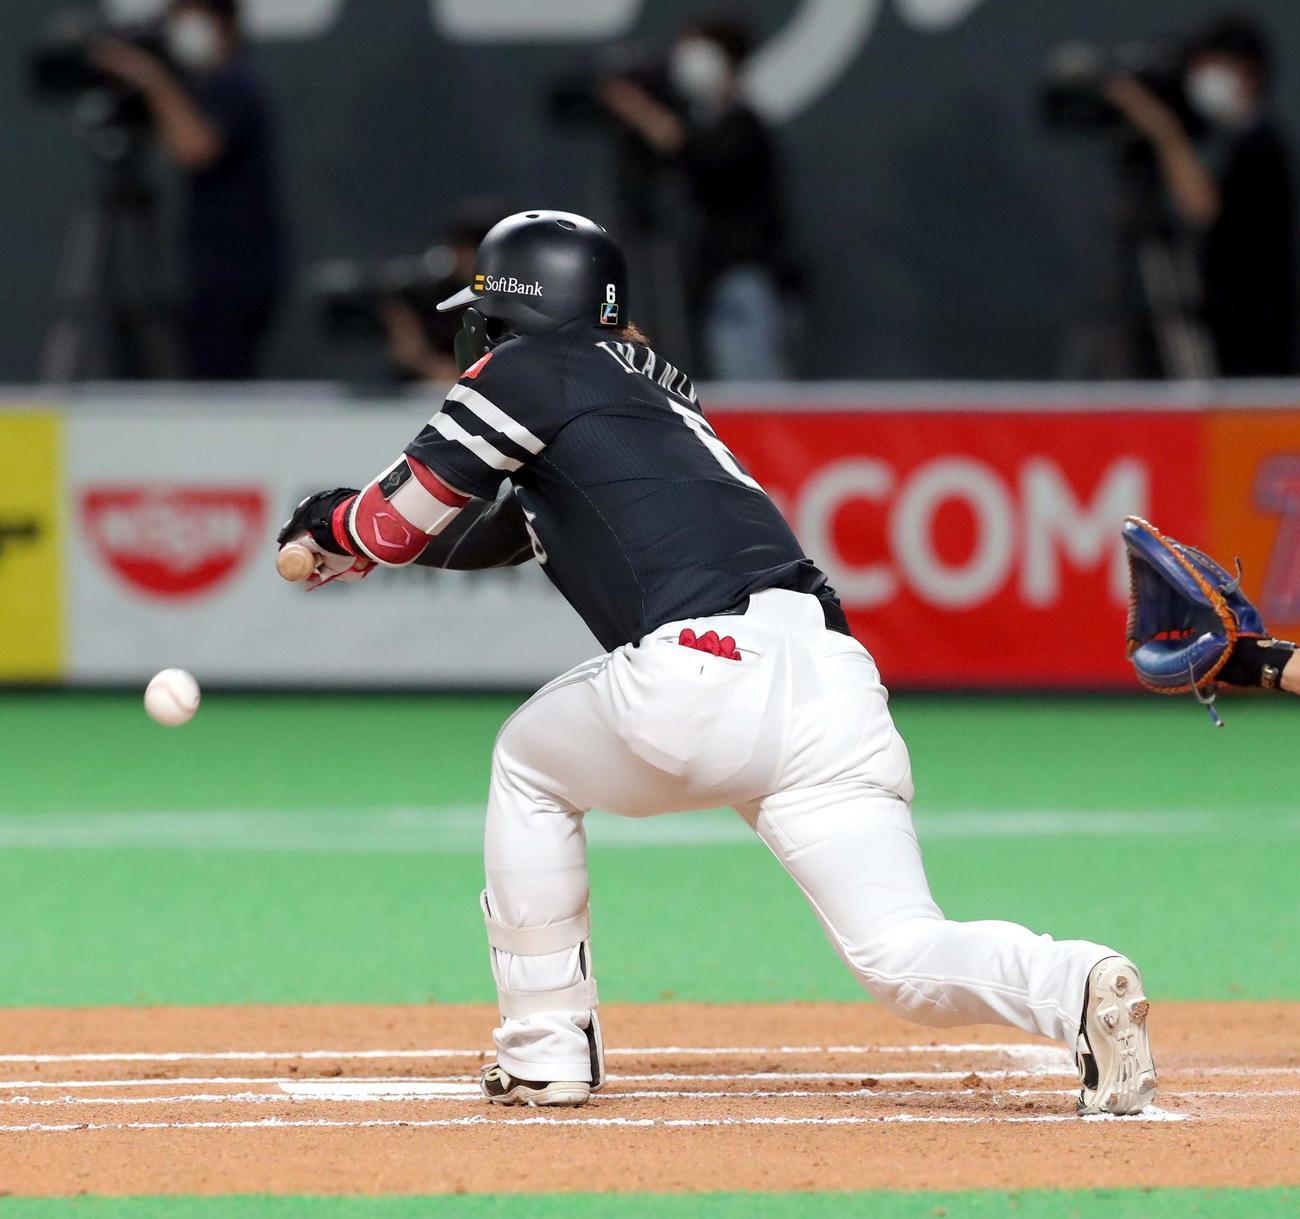 日本ハム対ソフトバンク 6回表ソフトバンク無死一塁、今宮は犠打を決める(撮影・佐藤翔太)